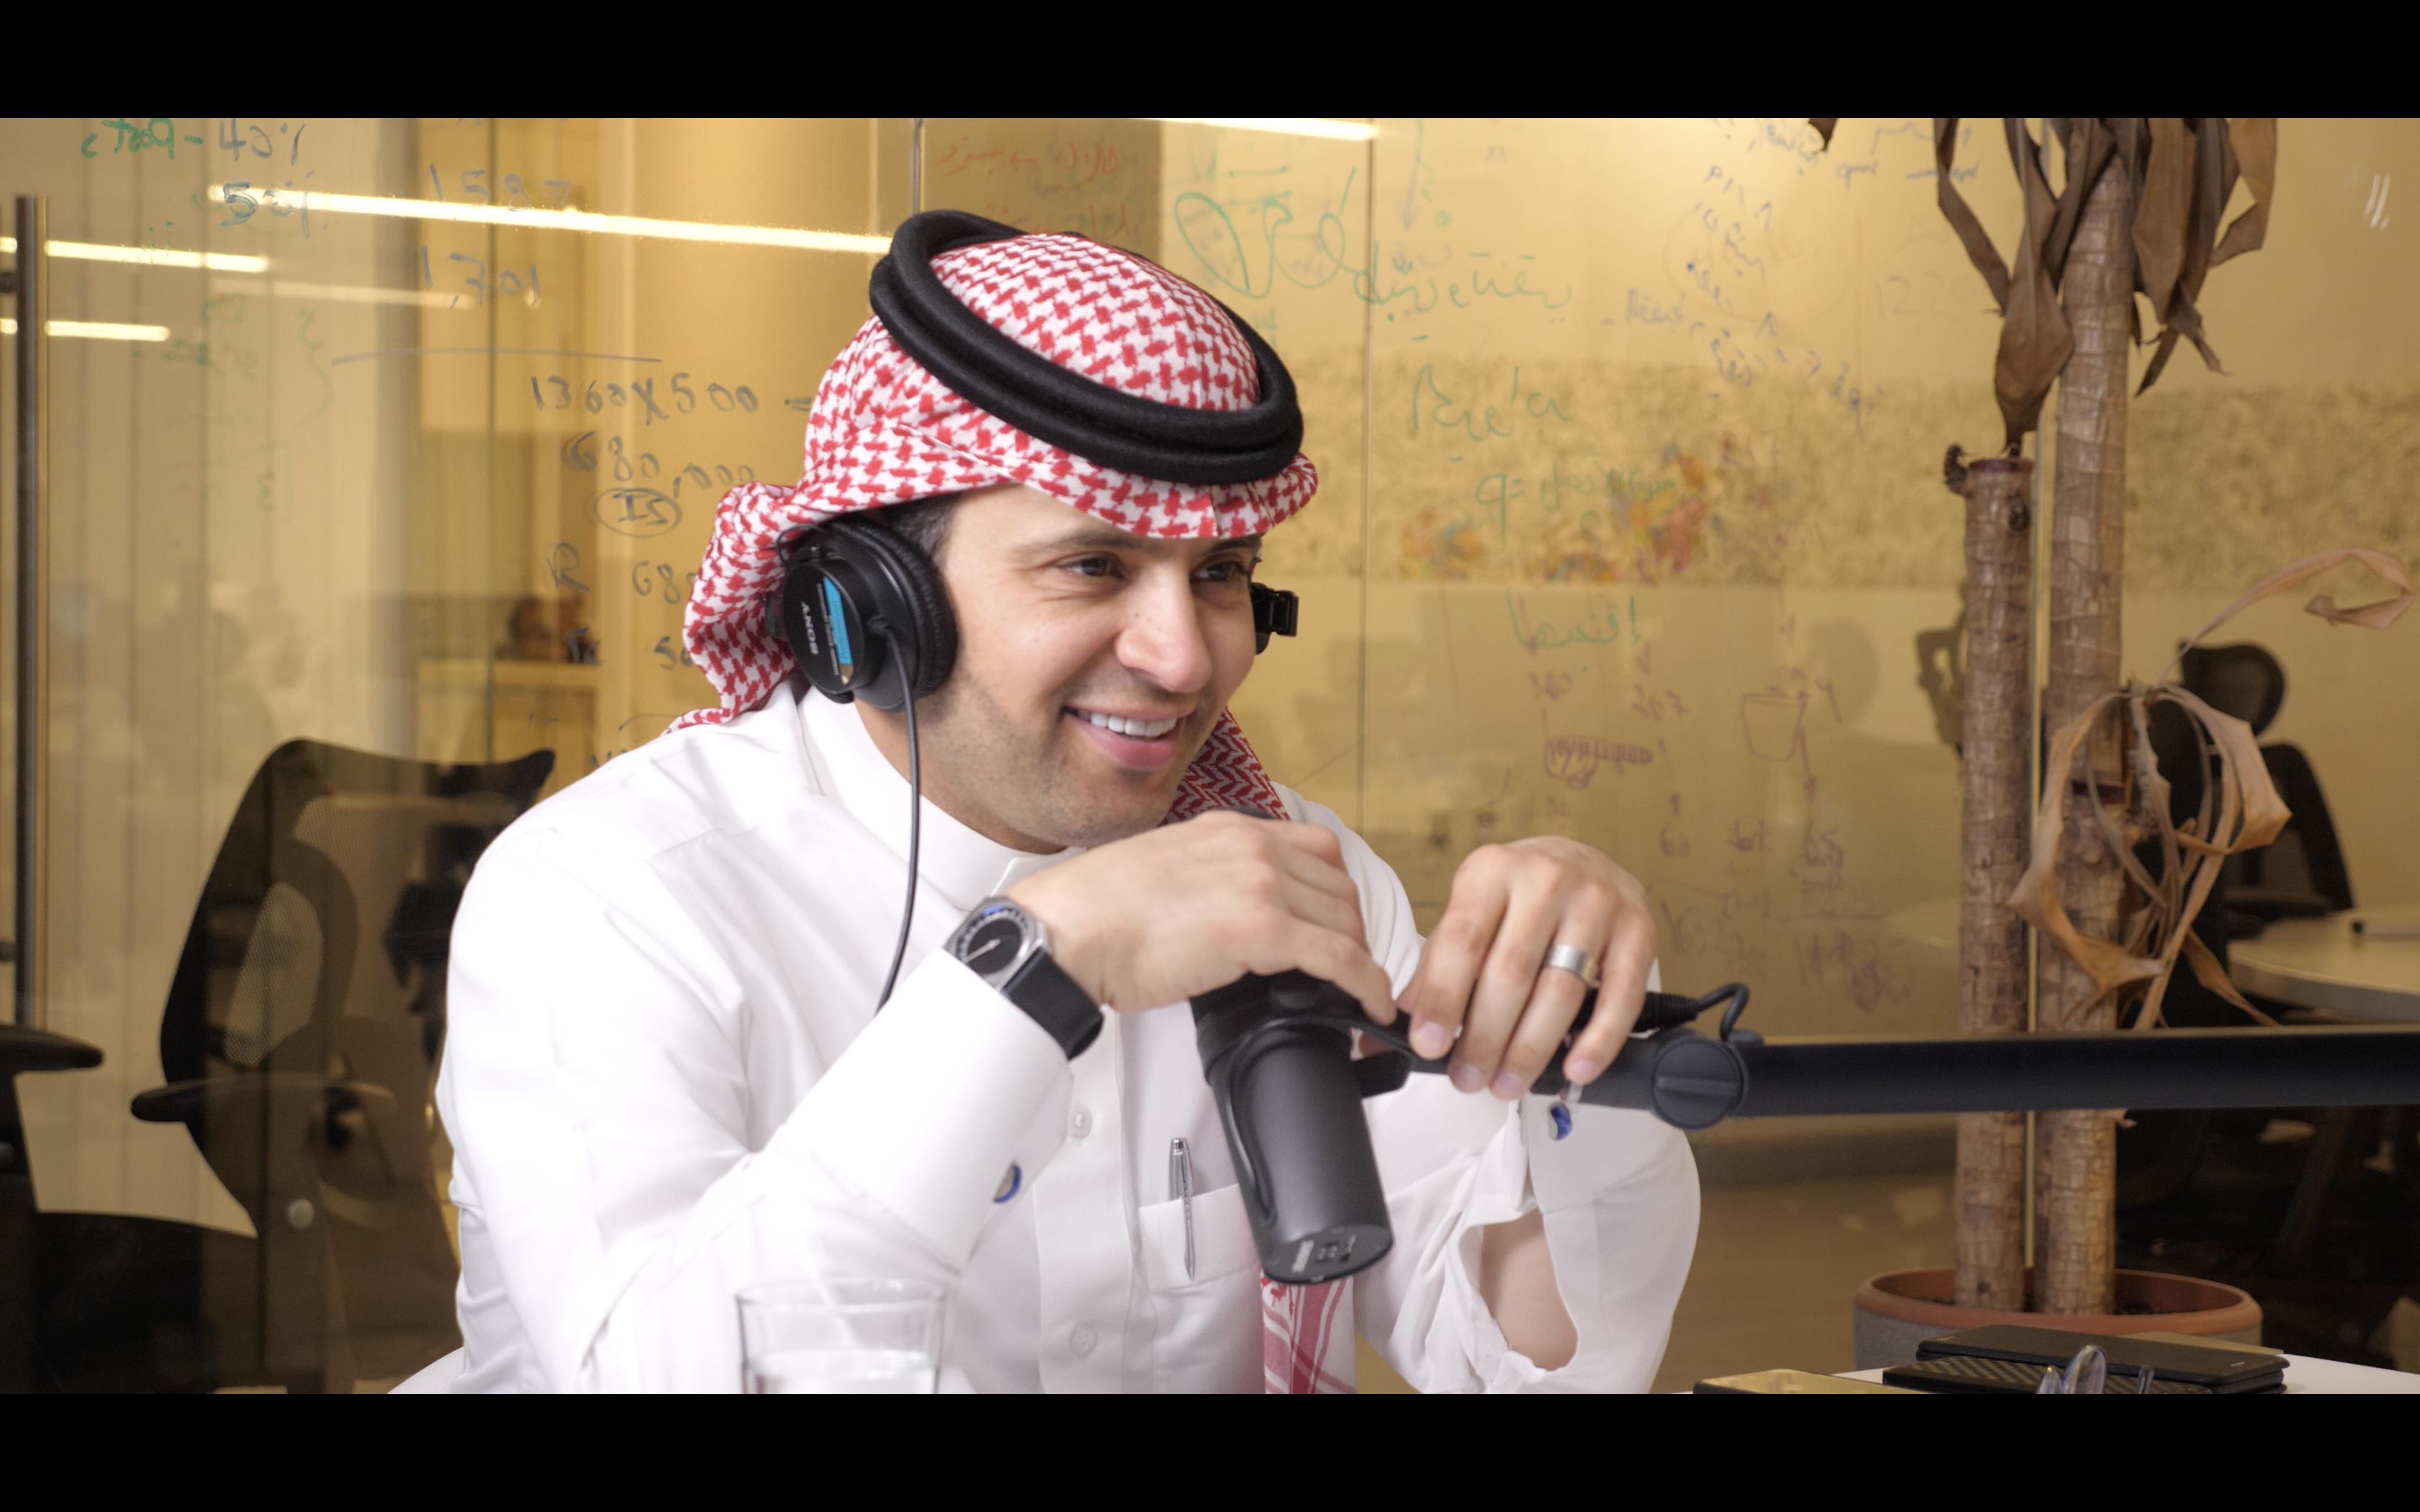 الإعلام الرياضي مع أحمد الفهيد